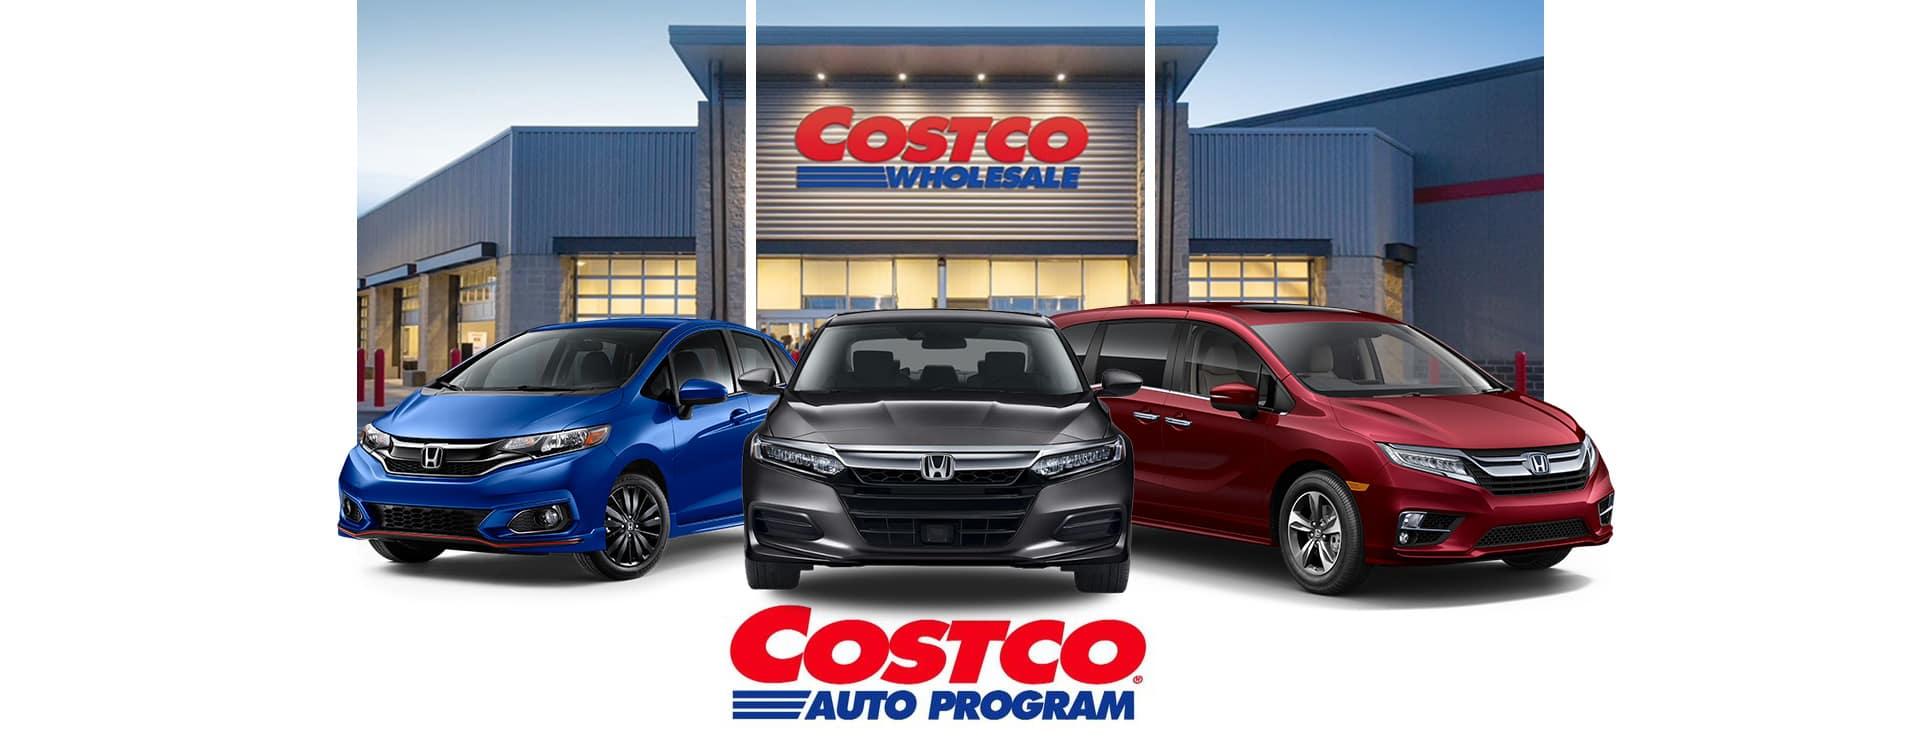 Costco-Header-LG-v1